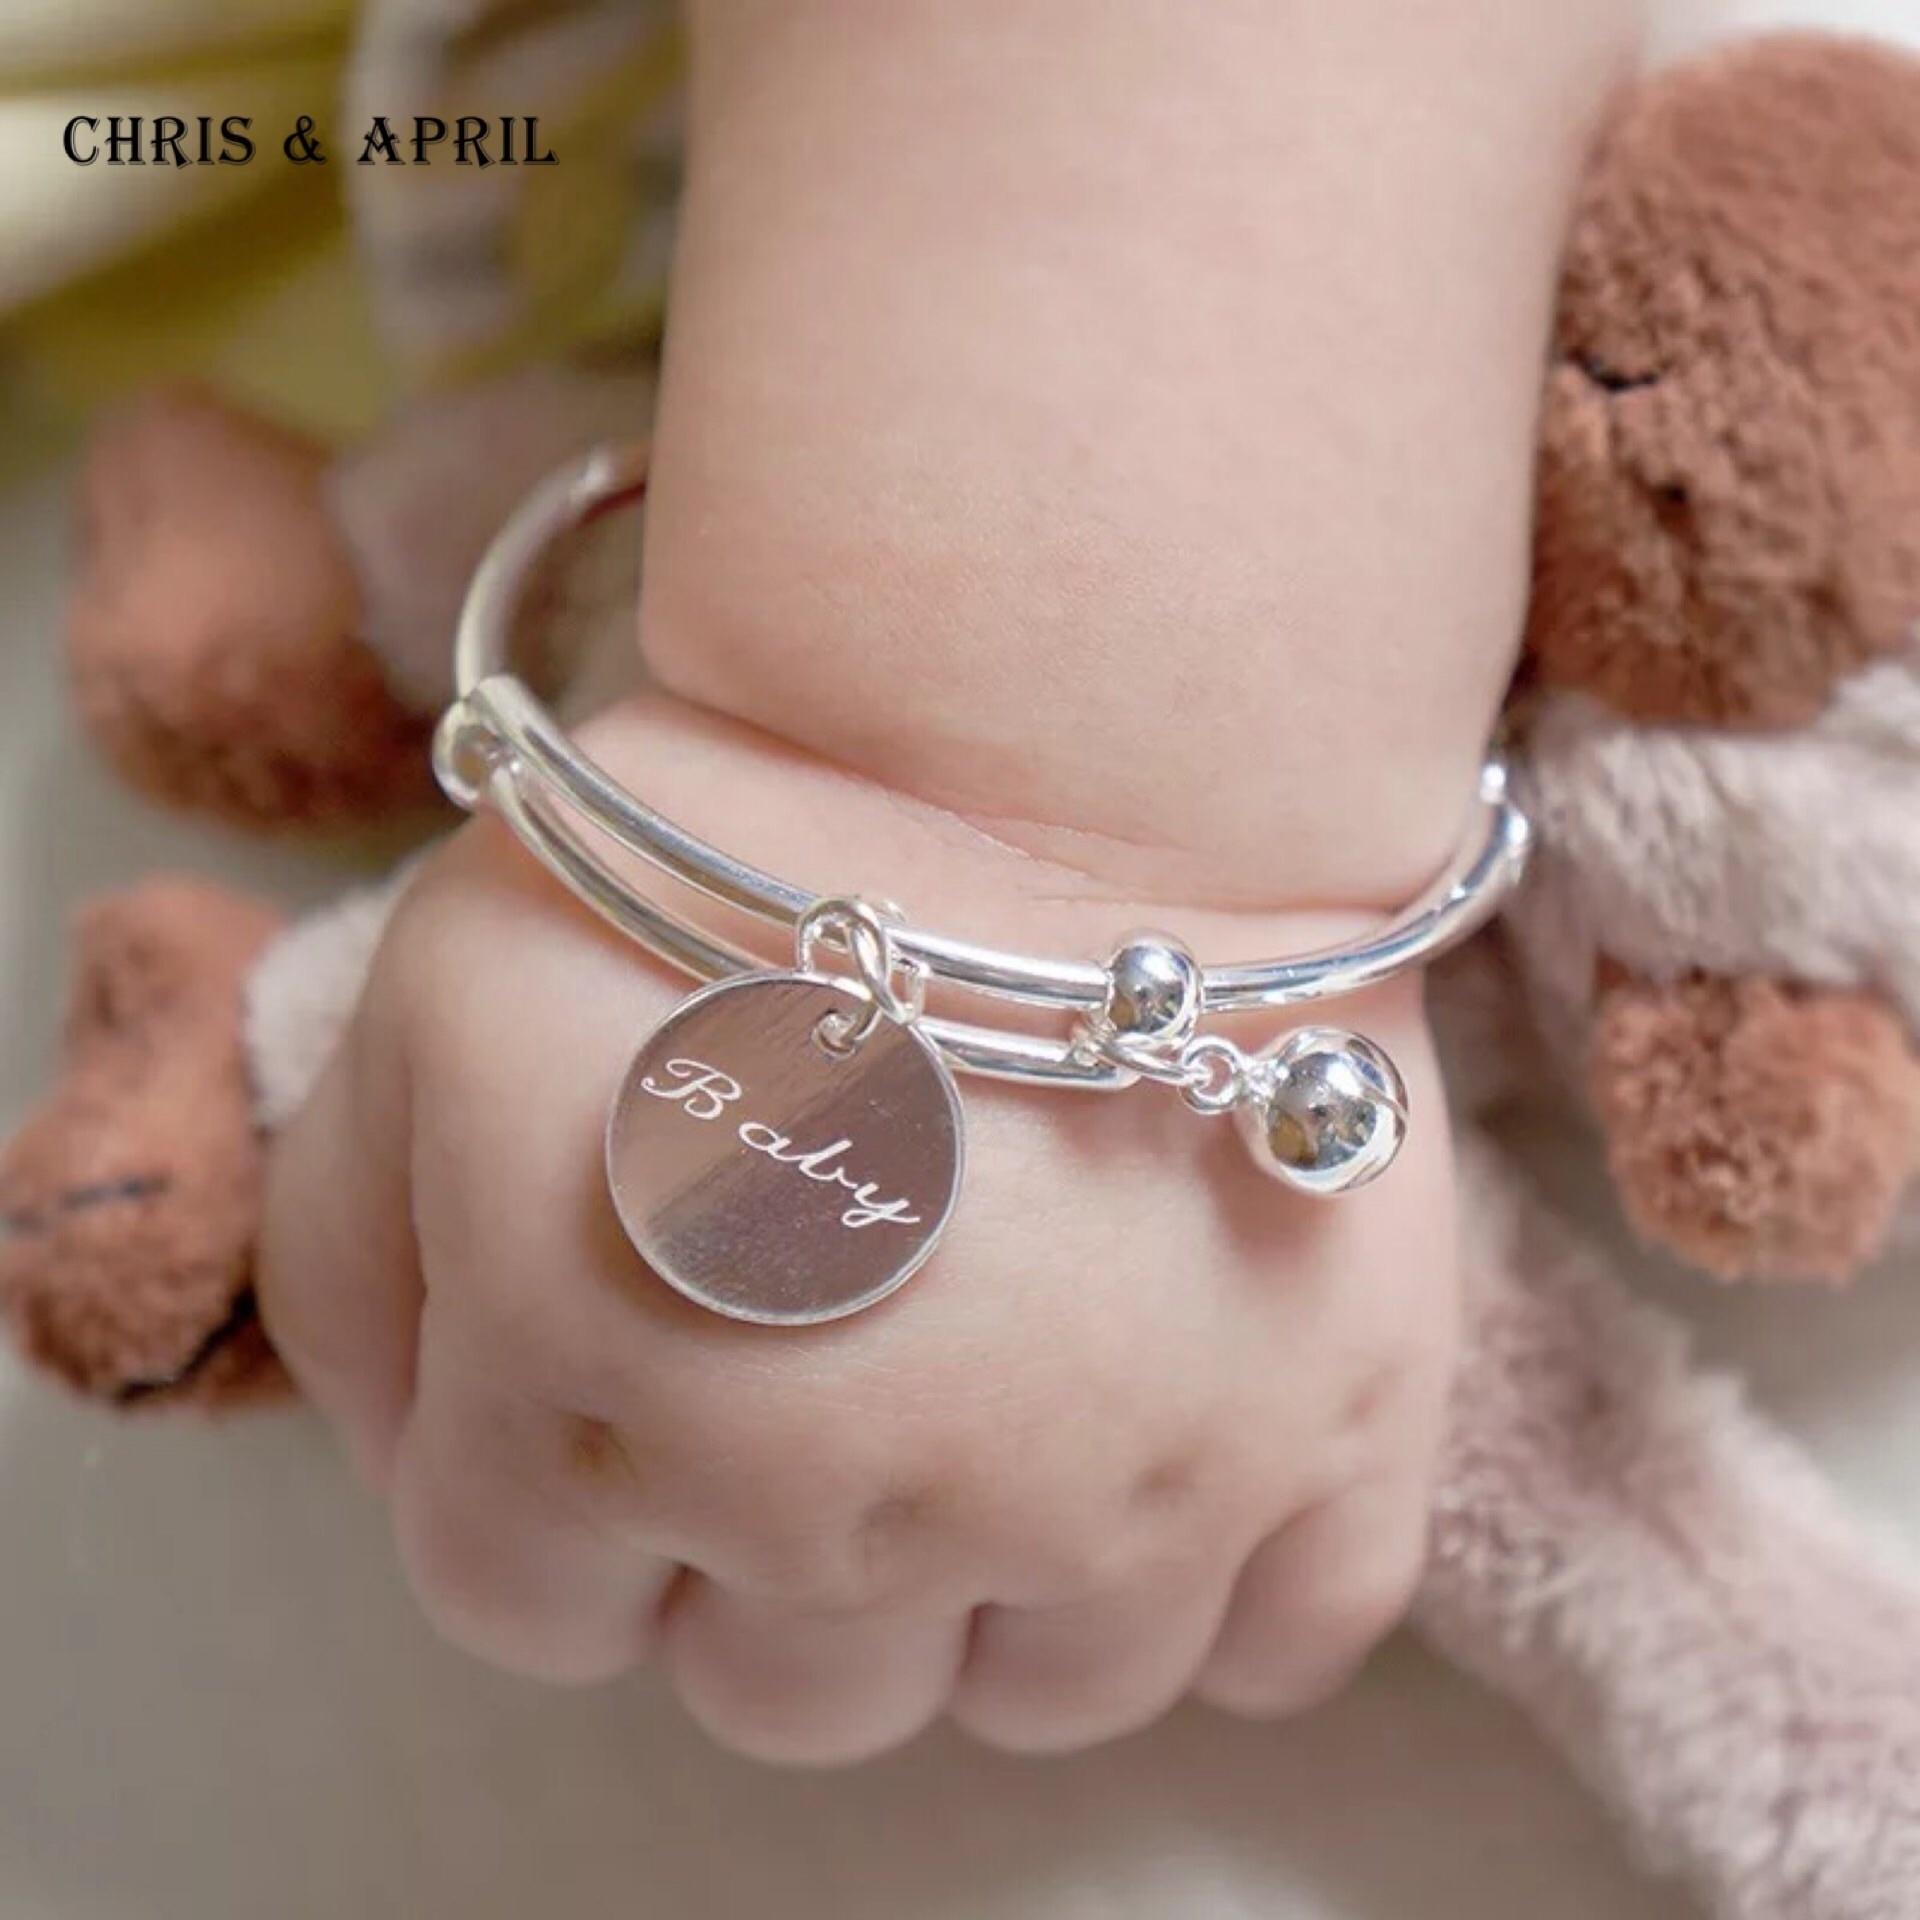 Bébé mignon Logo Personnalisé Bracelet En Argent Sterling